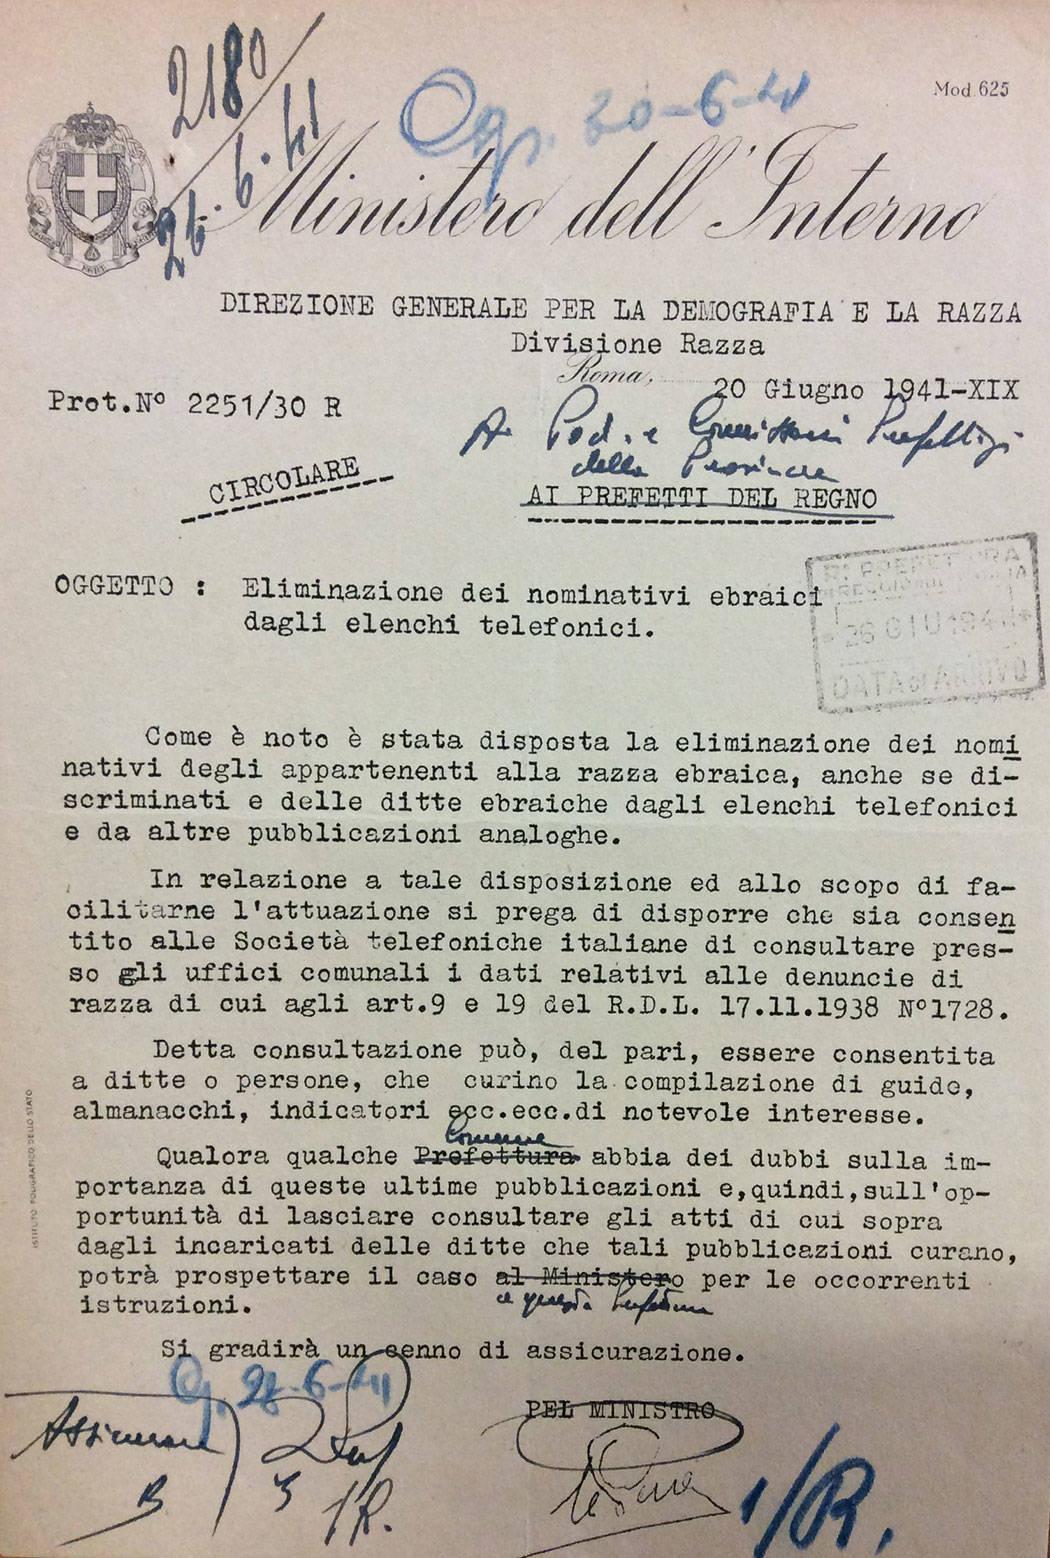 CIRCOLARE DEL MINISTERO DELL'INTERNO PER L'ELIMINAZIONE DEI NOMINATIVI EBRAICI DAGLI ELENCHI TELEFONICI, 20 GIUGNO 1941,